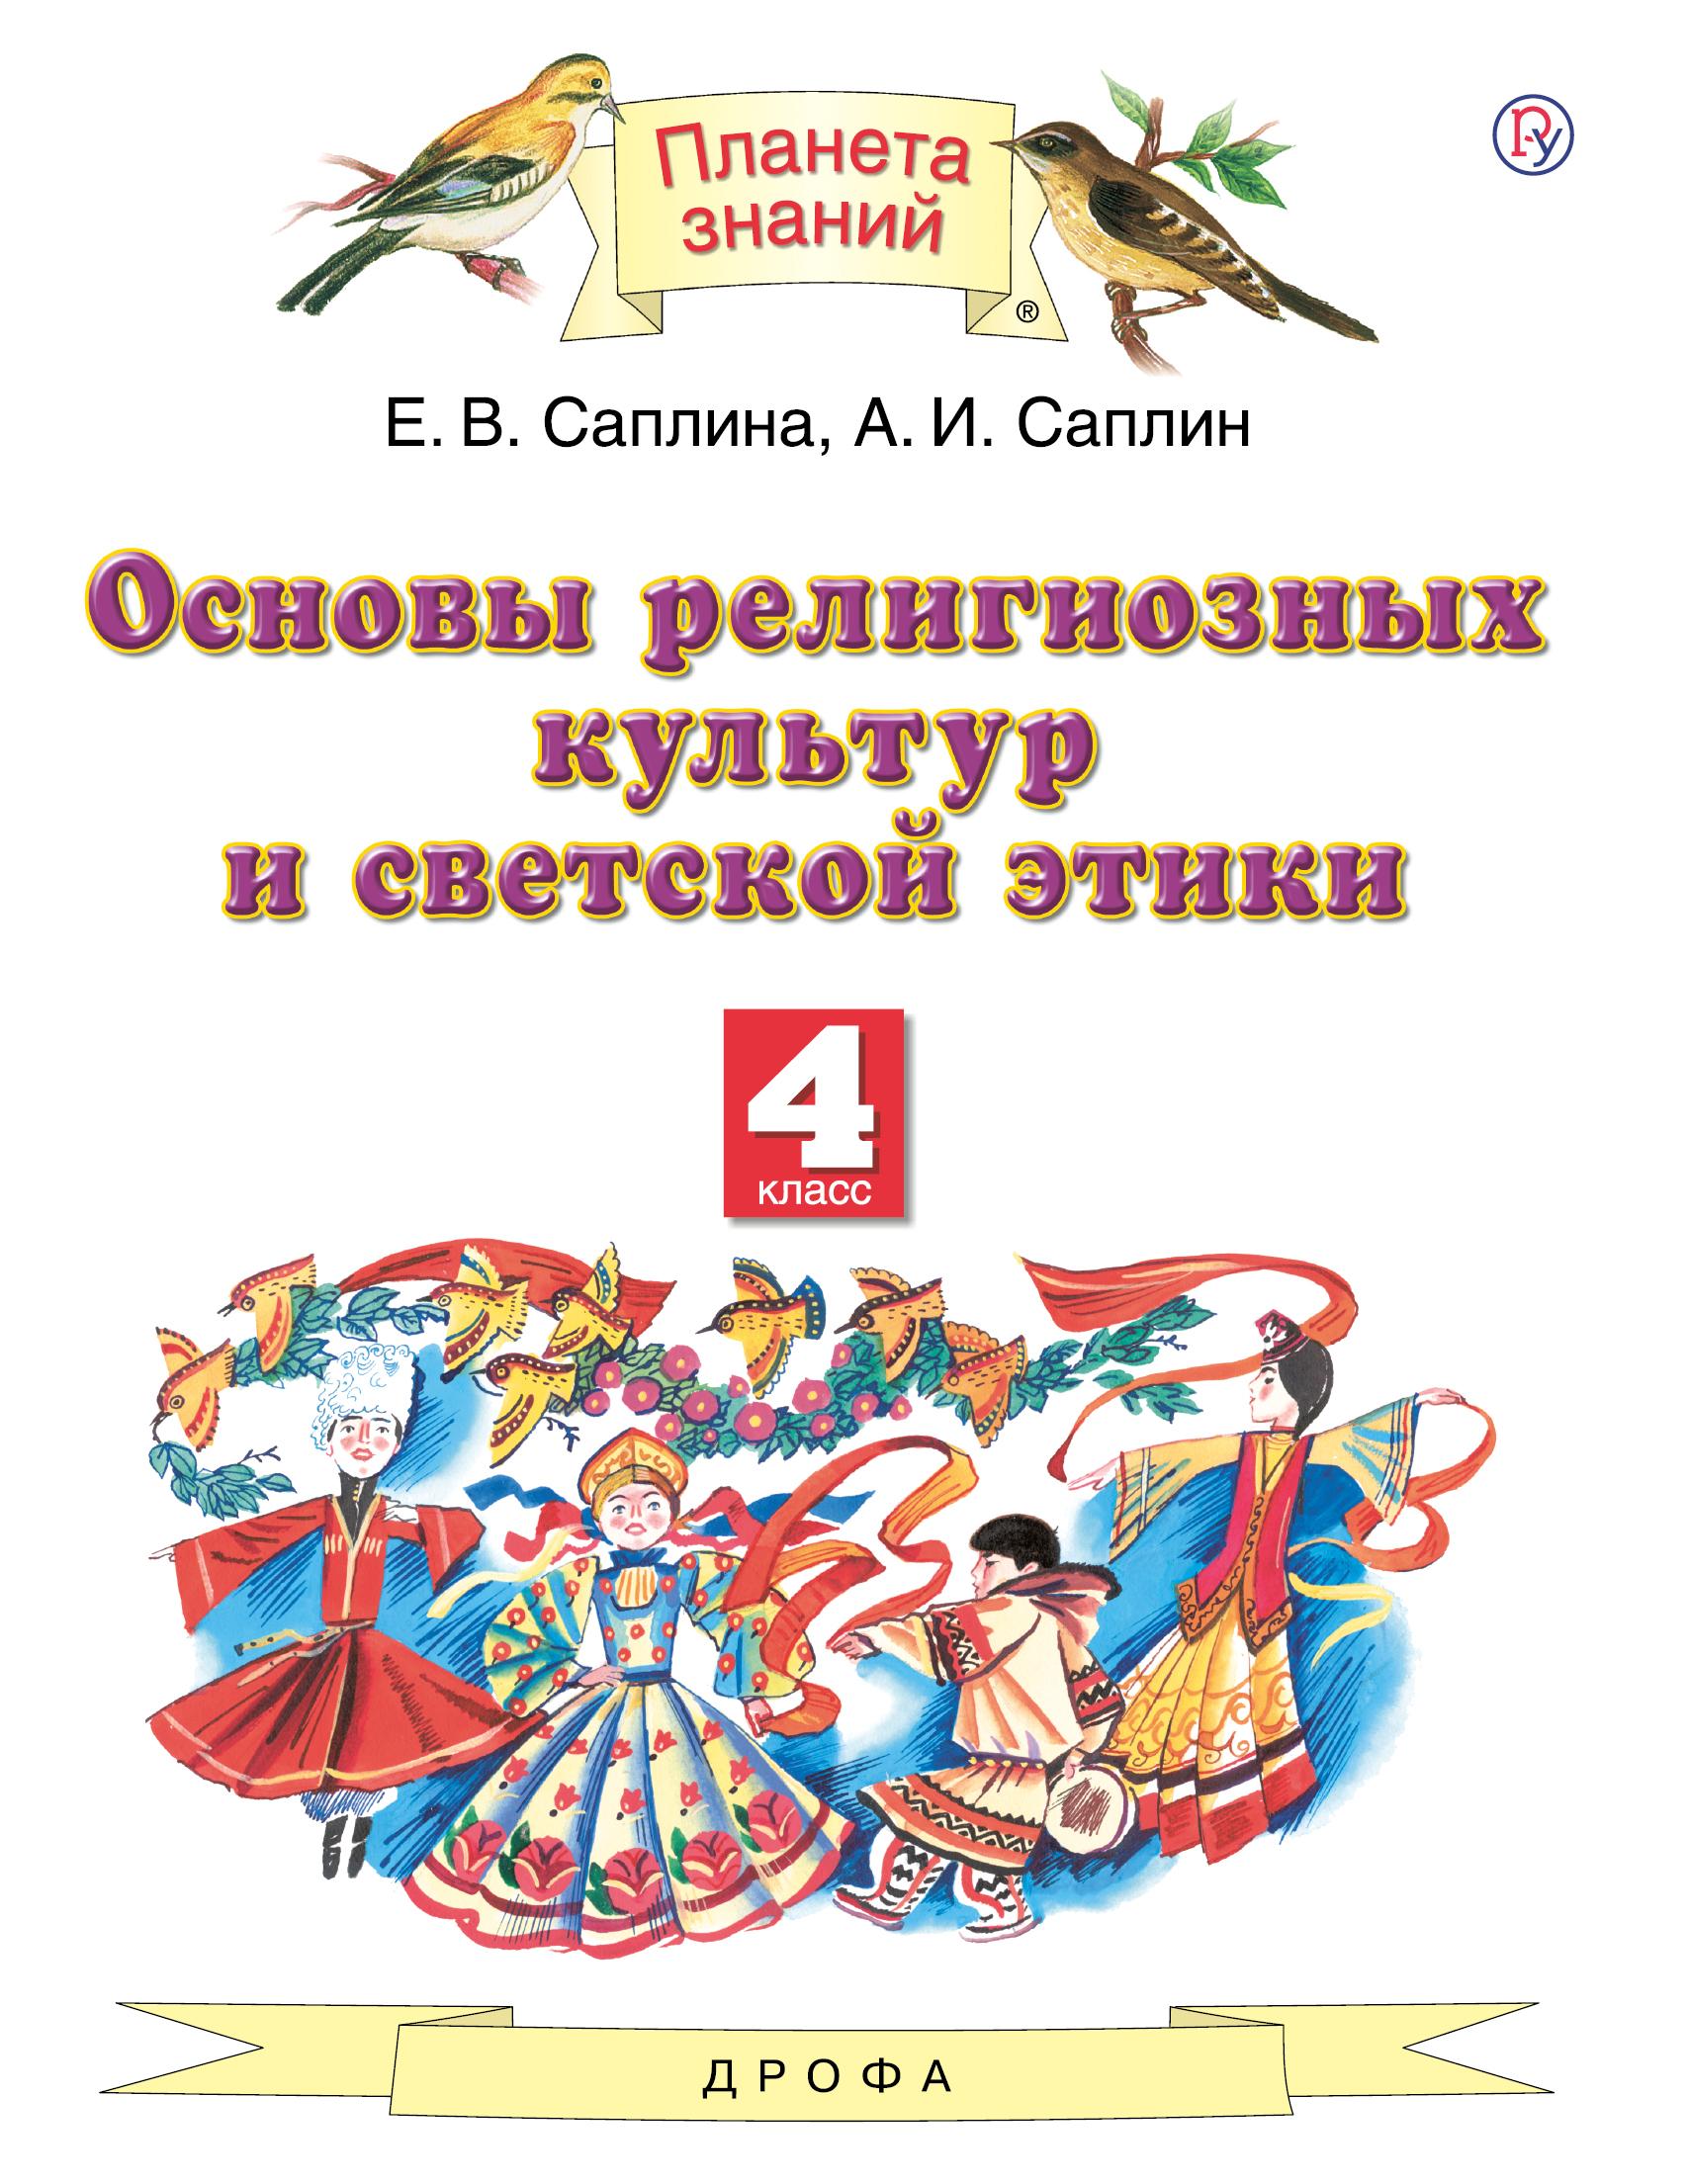 Саплина Е.В. Основы религиозных культур и светской этики. 4 класс. Учебник.